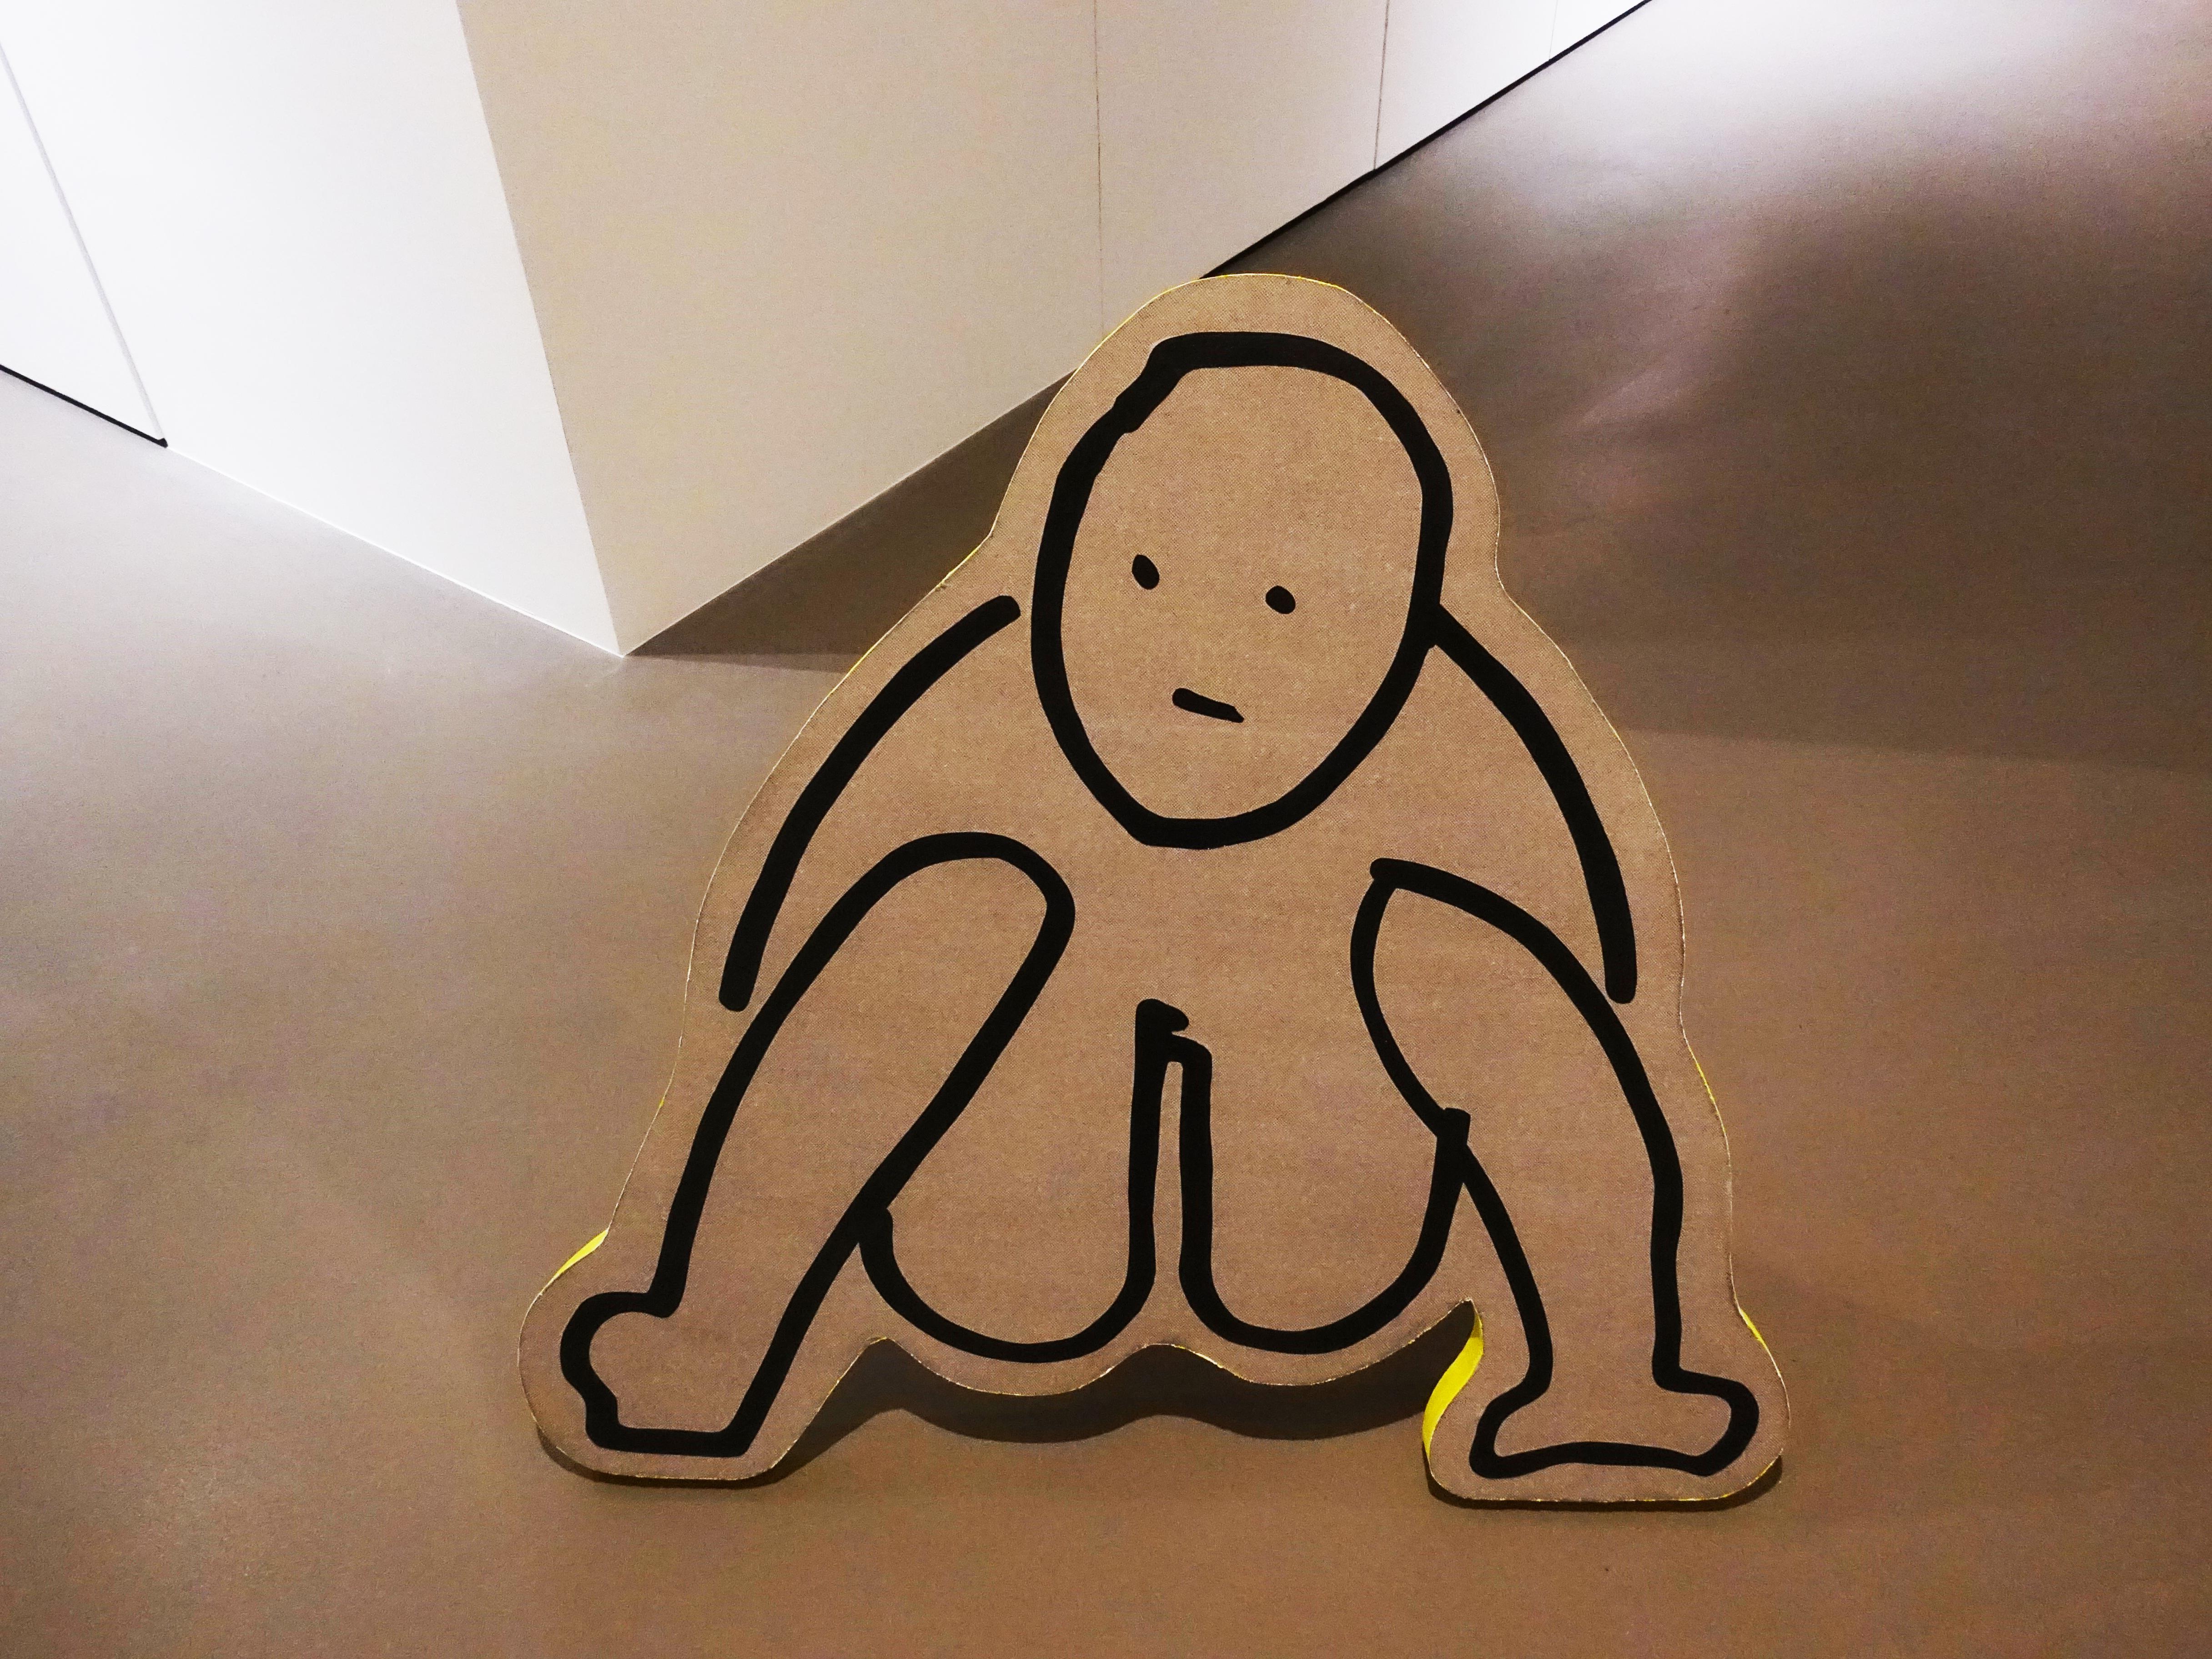 蕭筑方,《拉屎》,90 x 87 cm,壓克力顏料、畫布,2020。